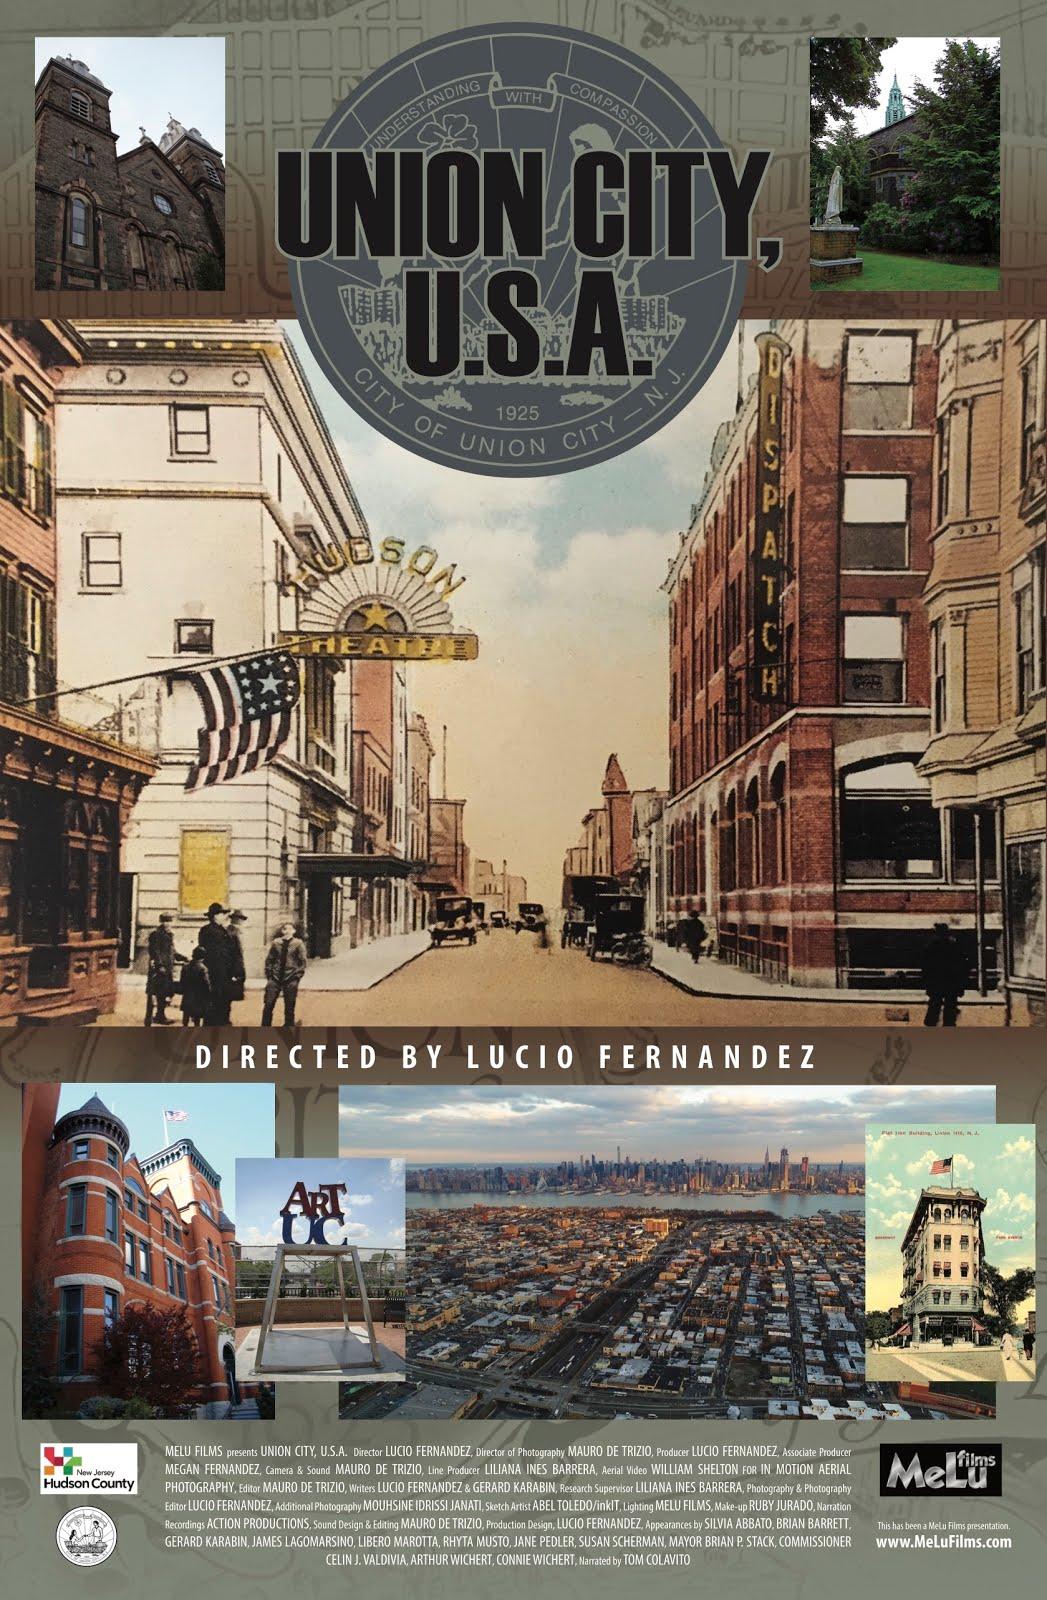 Union City, U.S.A.